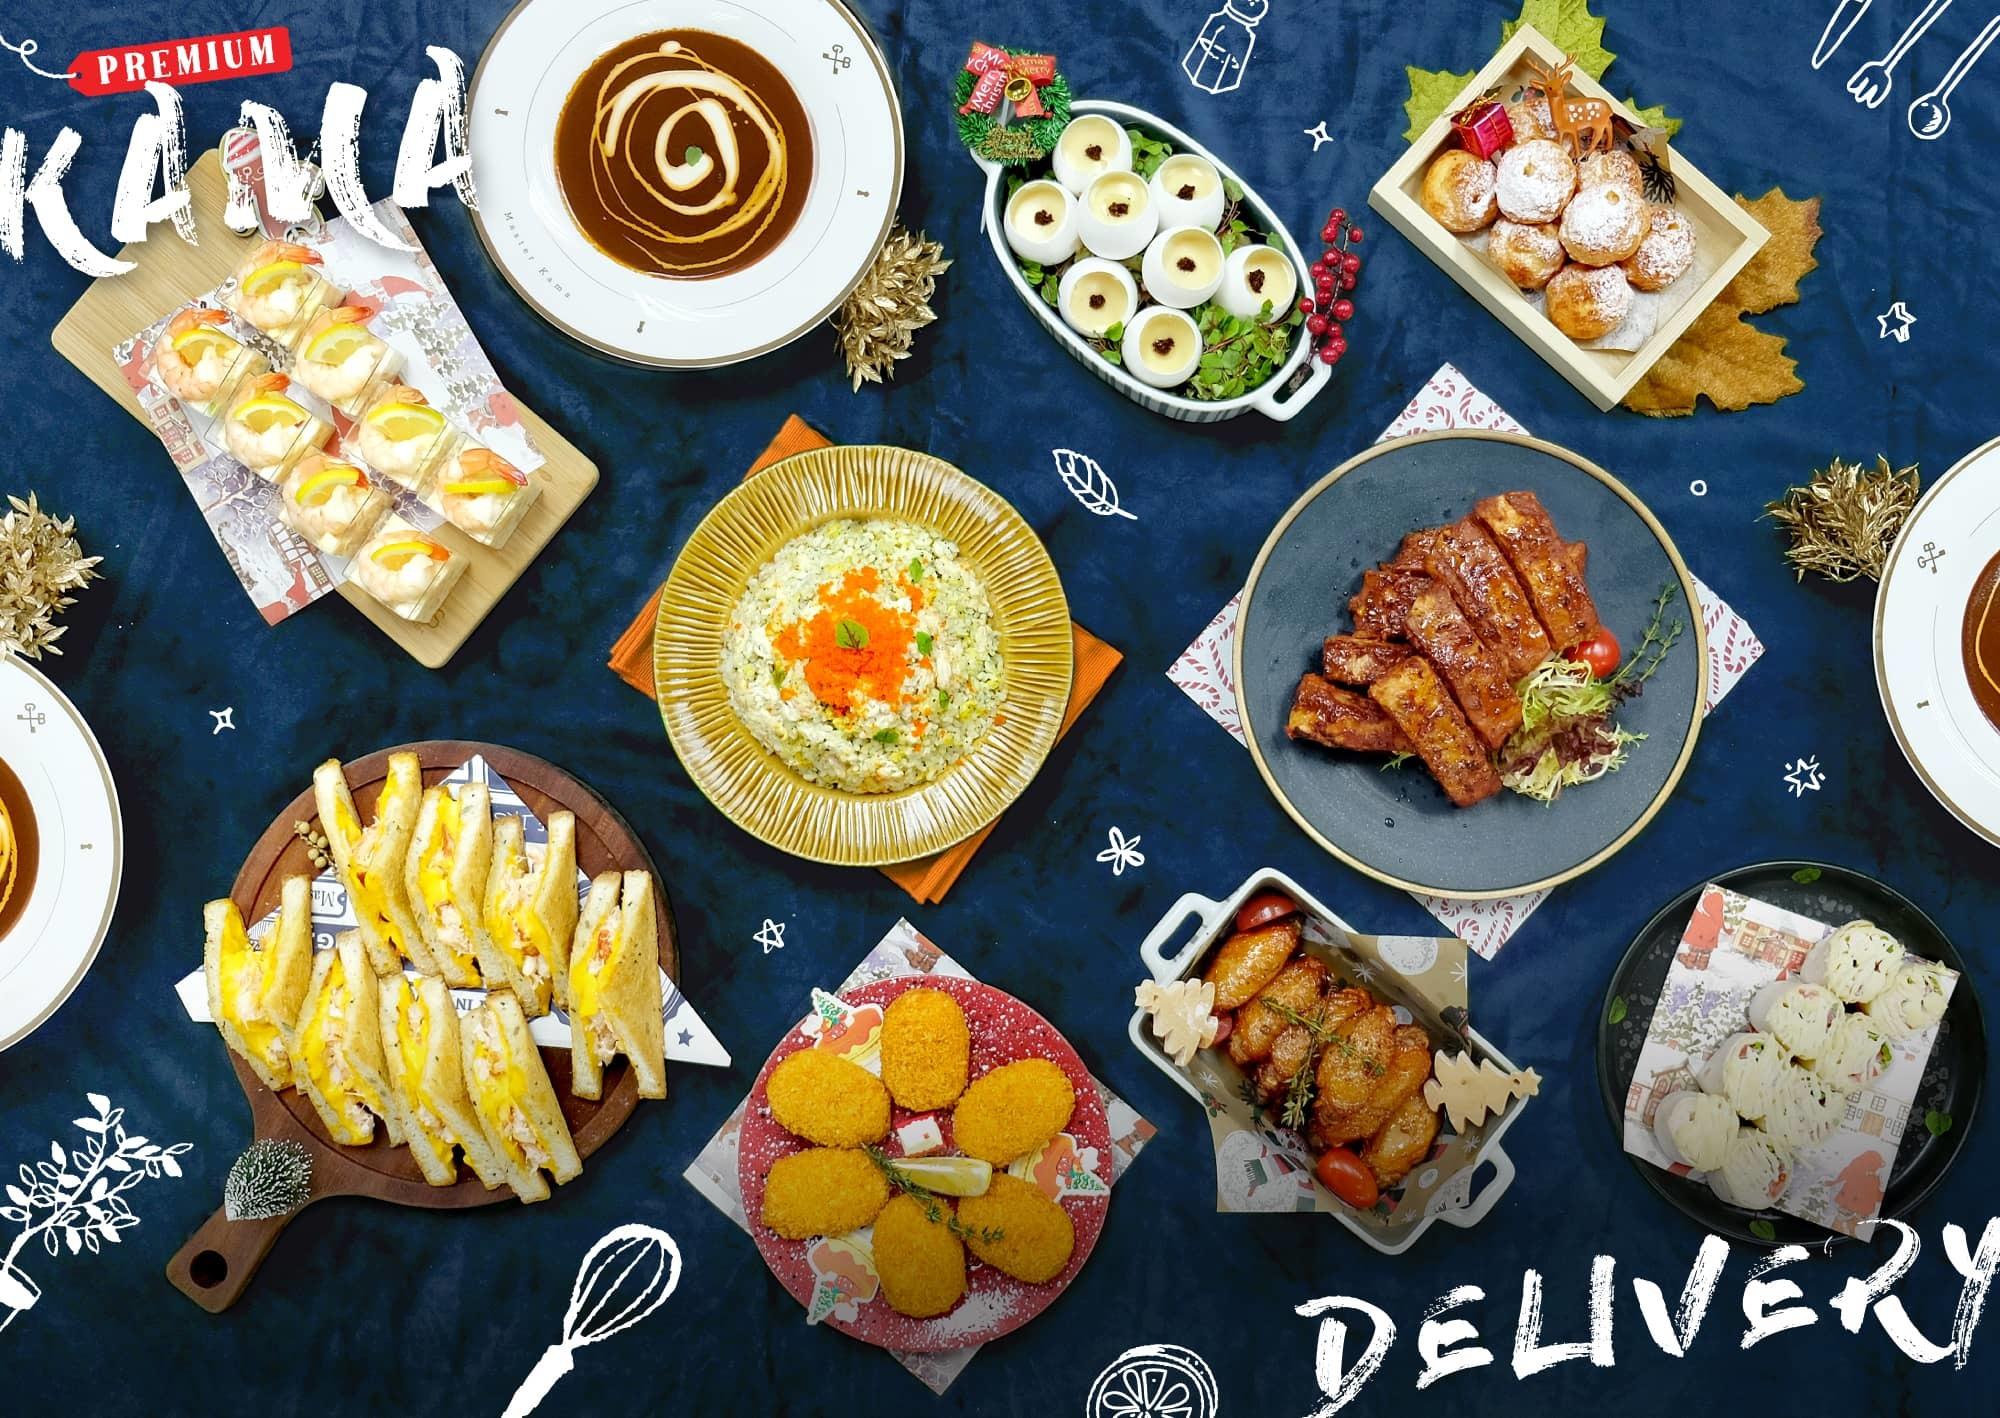 7人外賣套餐介紹|Kama Delivery外送餐單|精緻自選人數餐|全港免運費